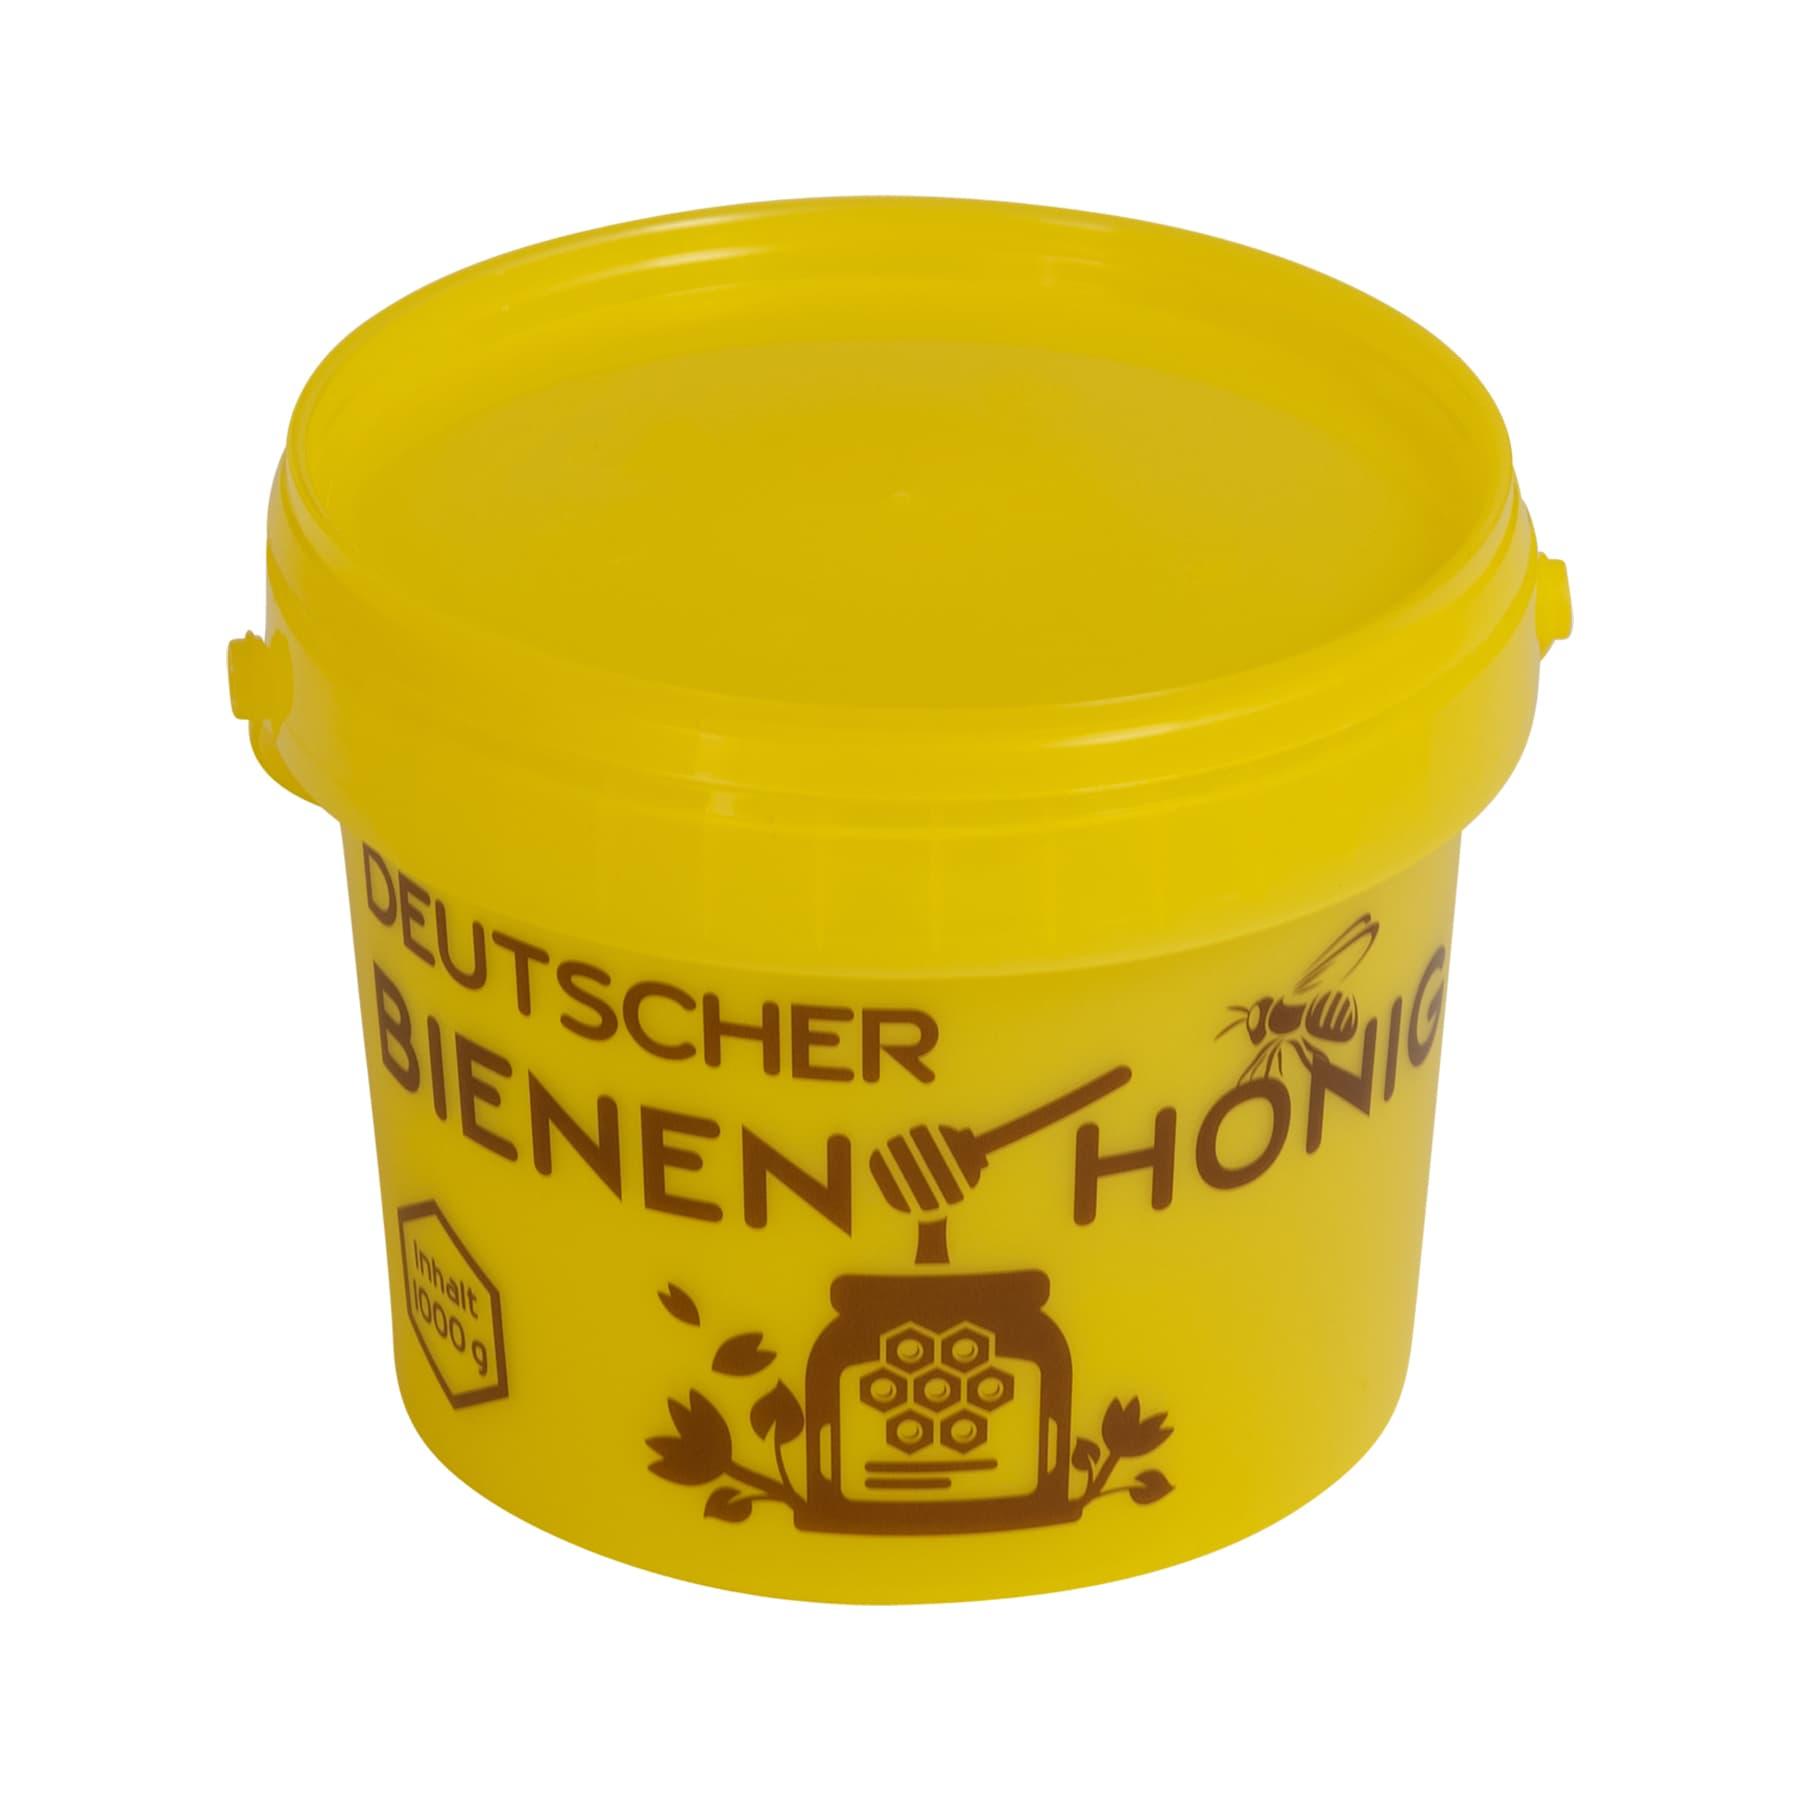 Honigeimerchen 1 kg aus Kunststoff